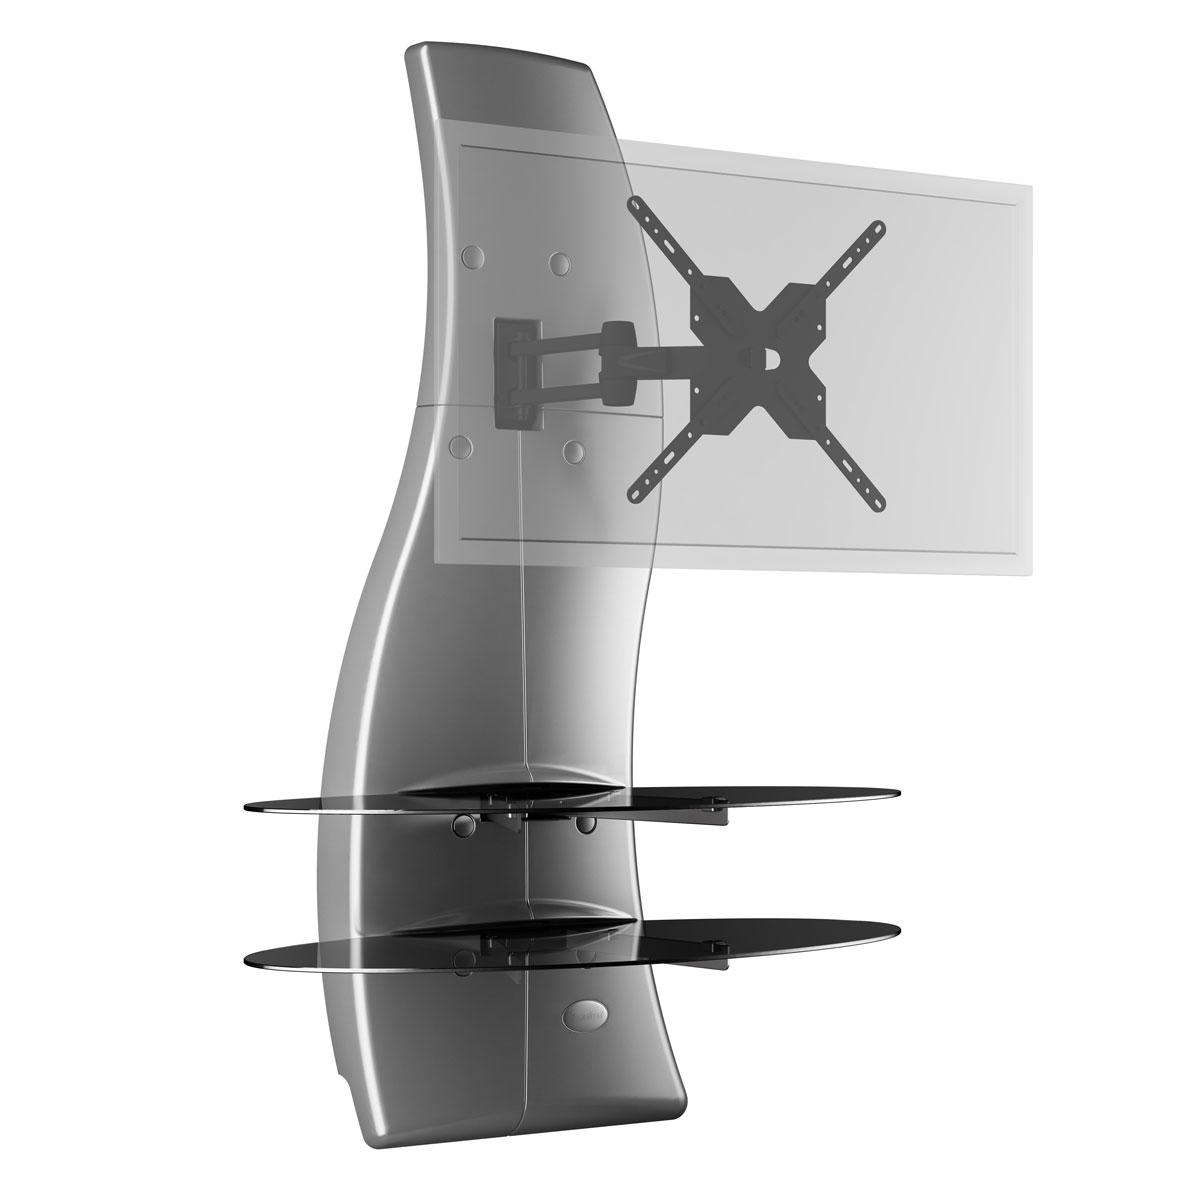 Meliconi ghost design 2000 rotation argent meuble tv - Meuble ecran videoprojecteur ...